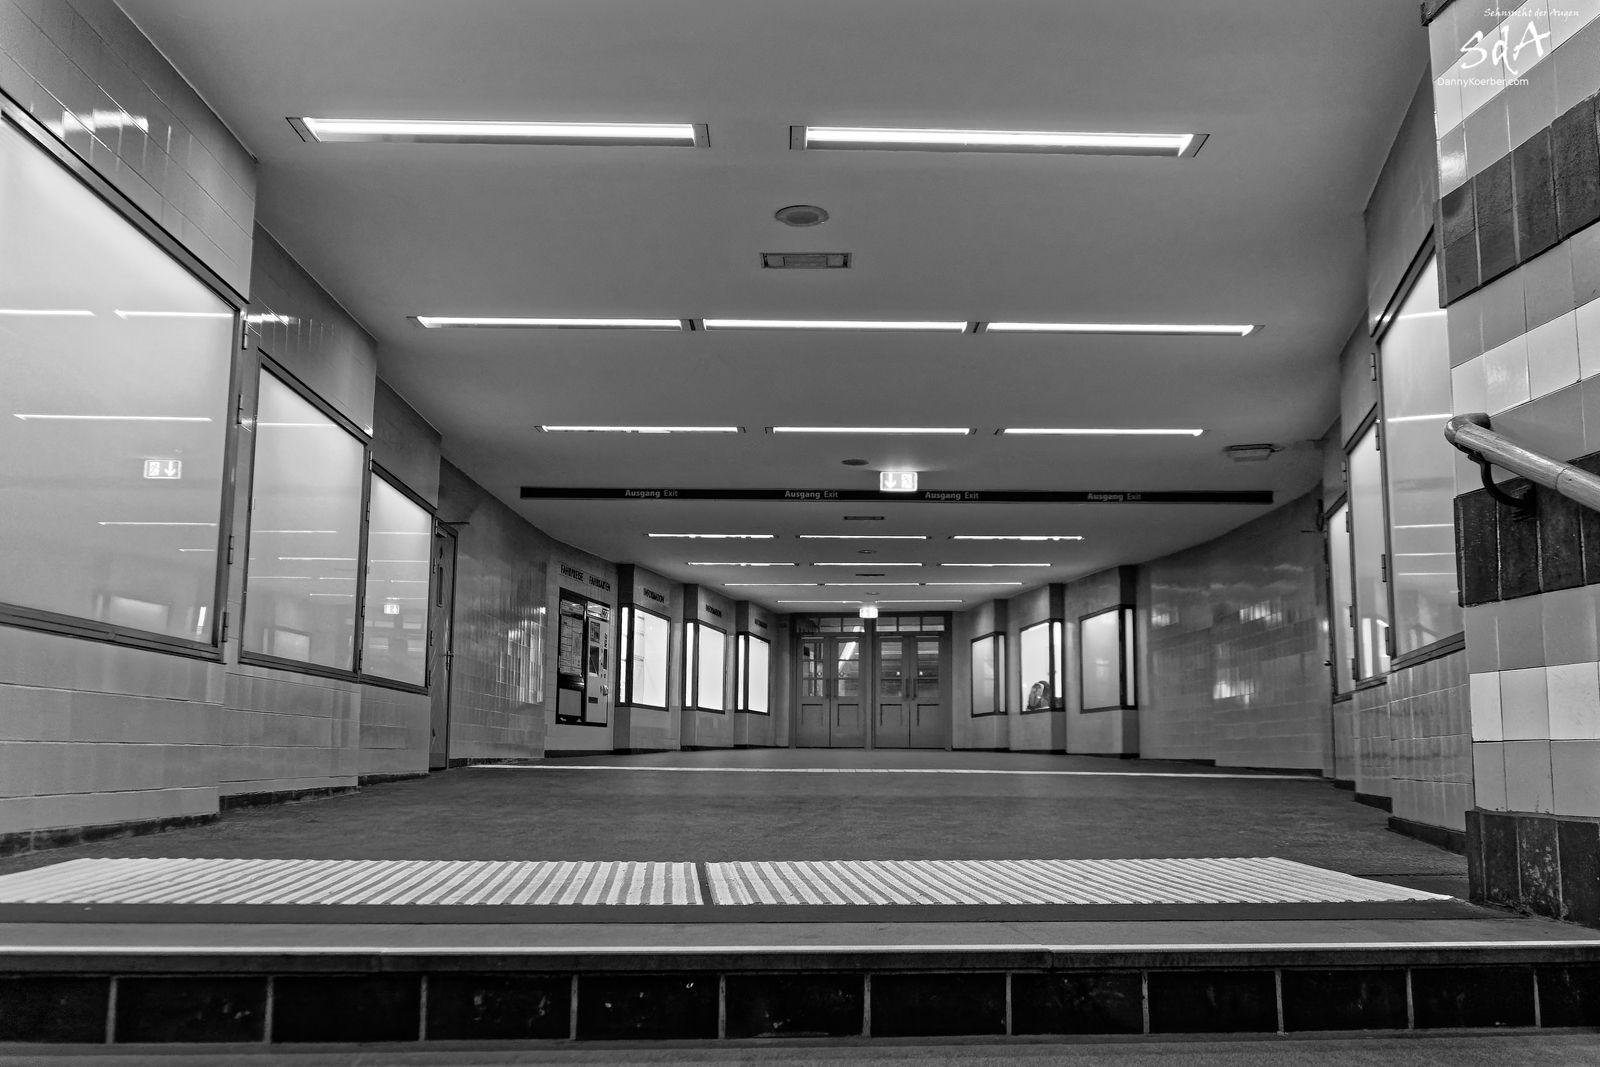 Einmal in den Untergrund bitte, Ubahnstationen fotografiert von Danny Korber. Architektur